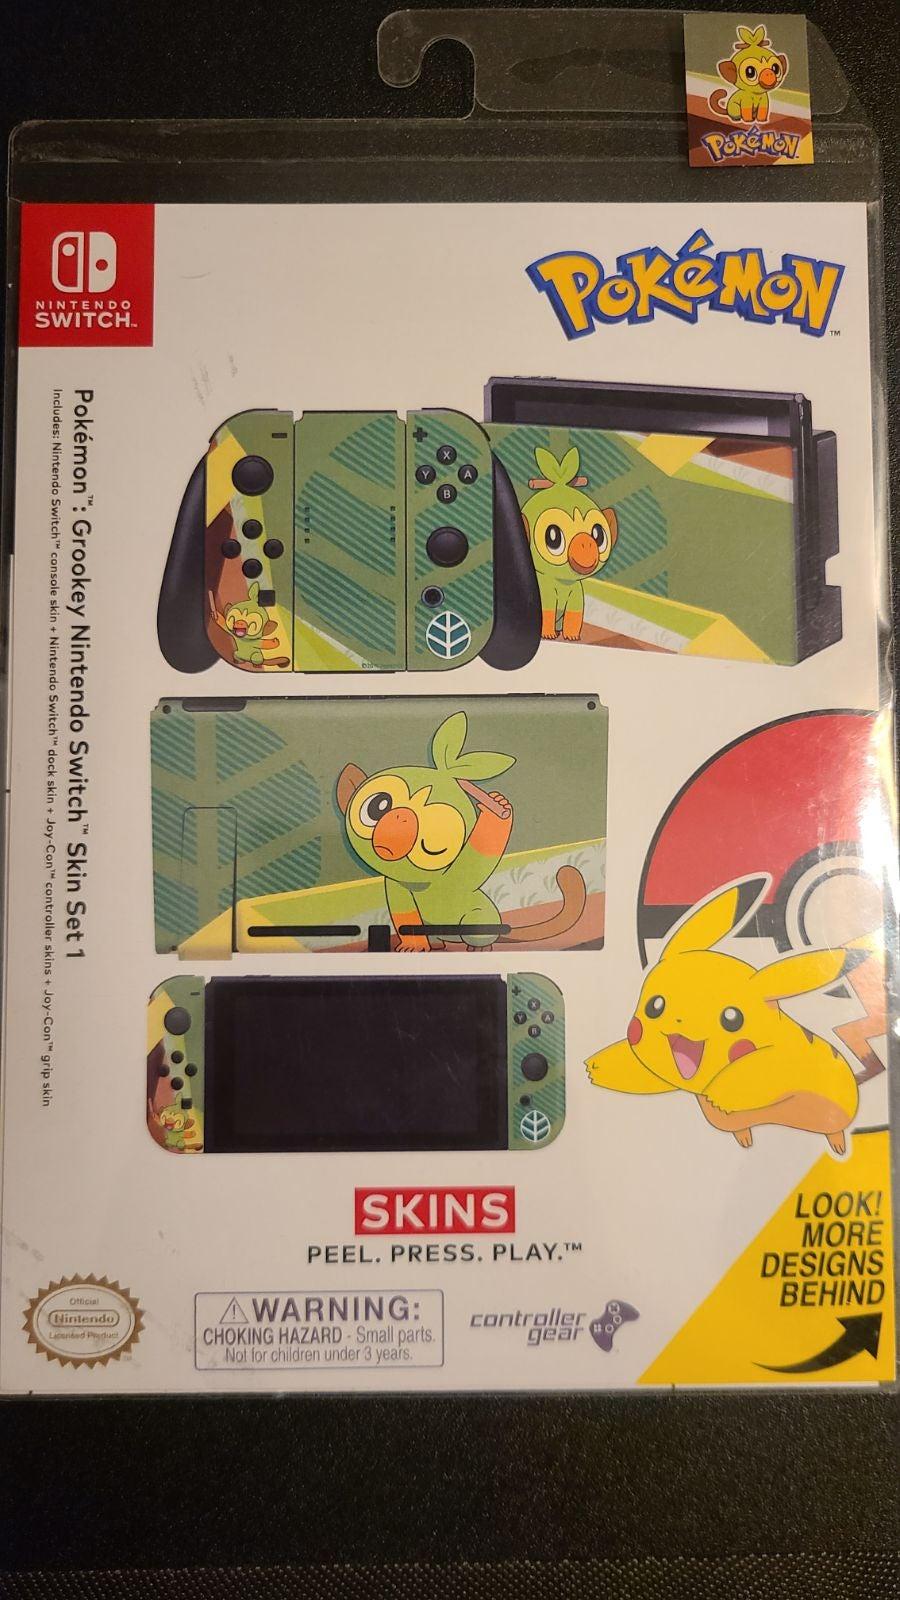 Pokémon Skin